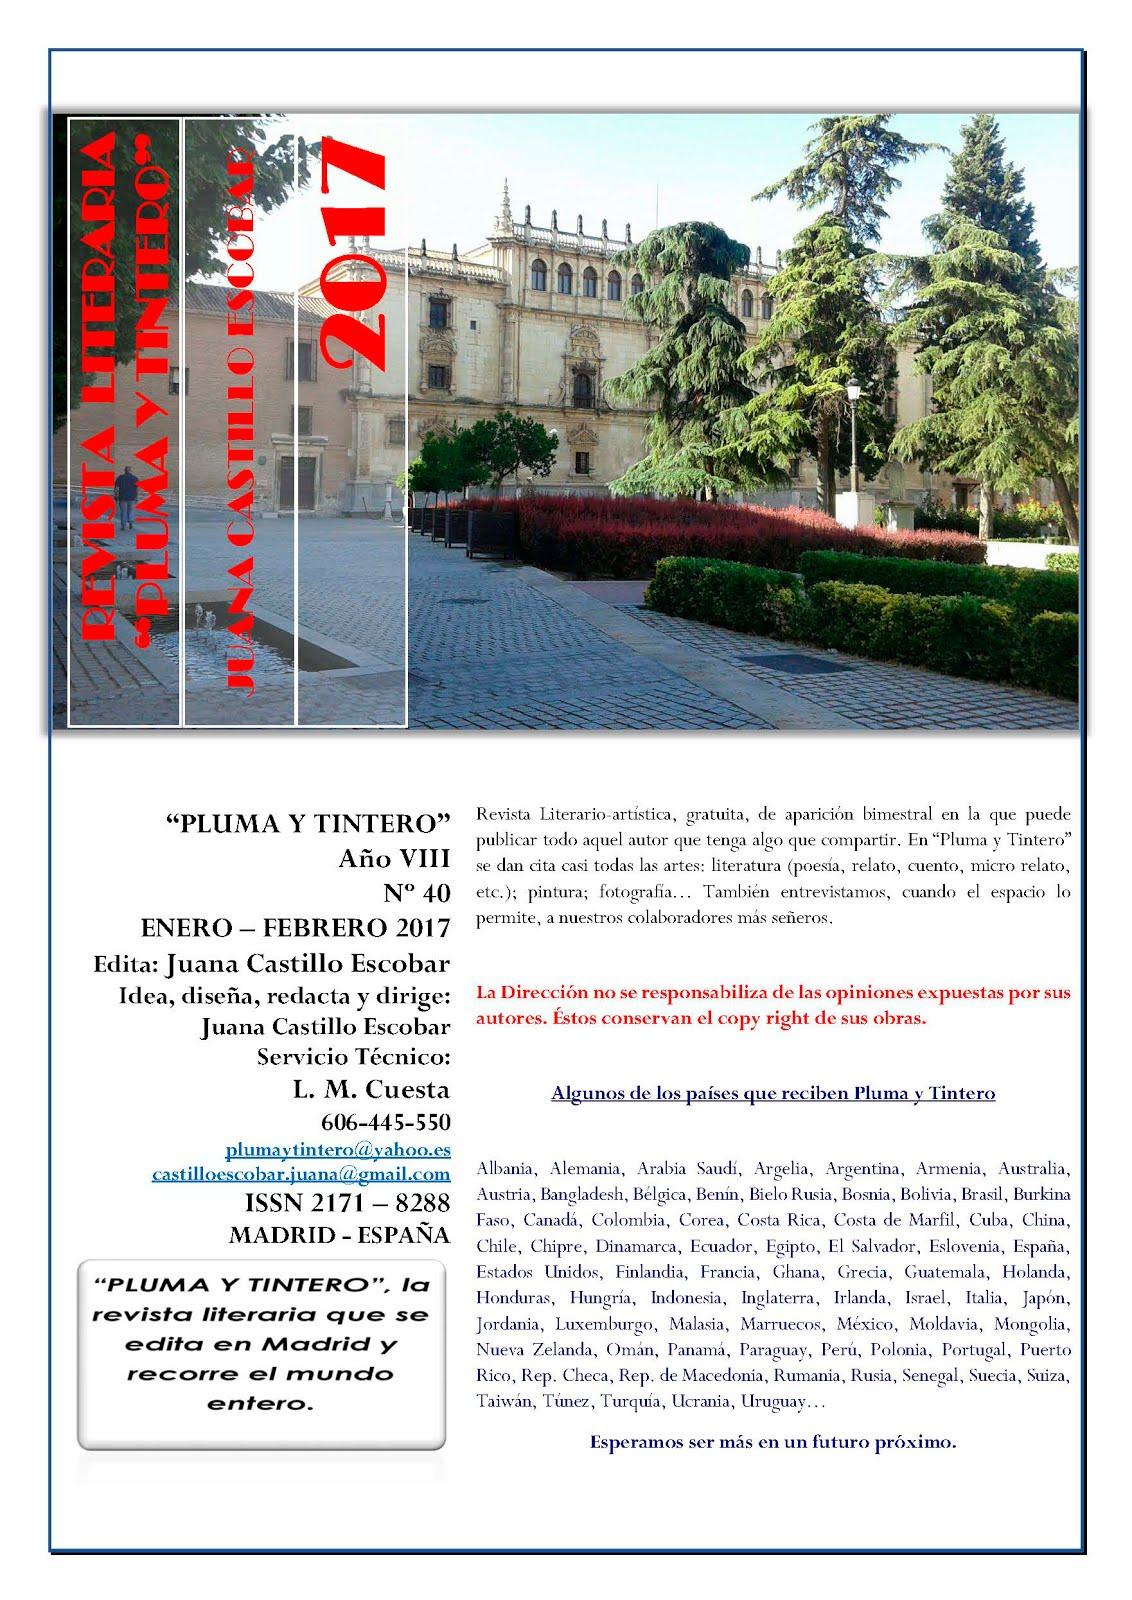 Nº 40 - Enero-Febrero 2017 - Traducción al castellano de un poema de Emanuele Cilenti